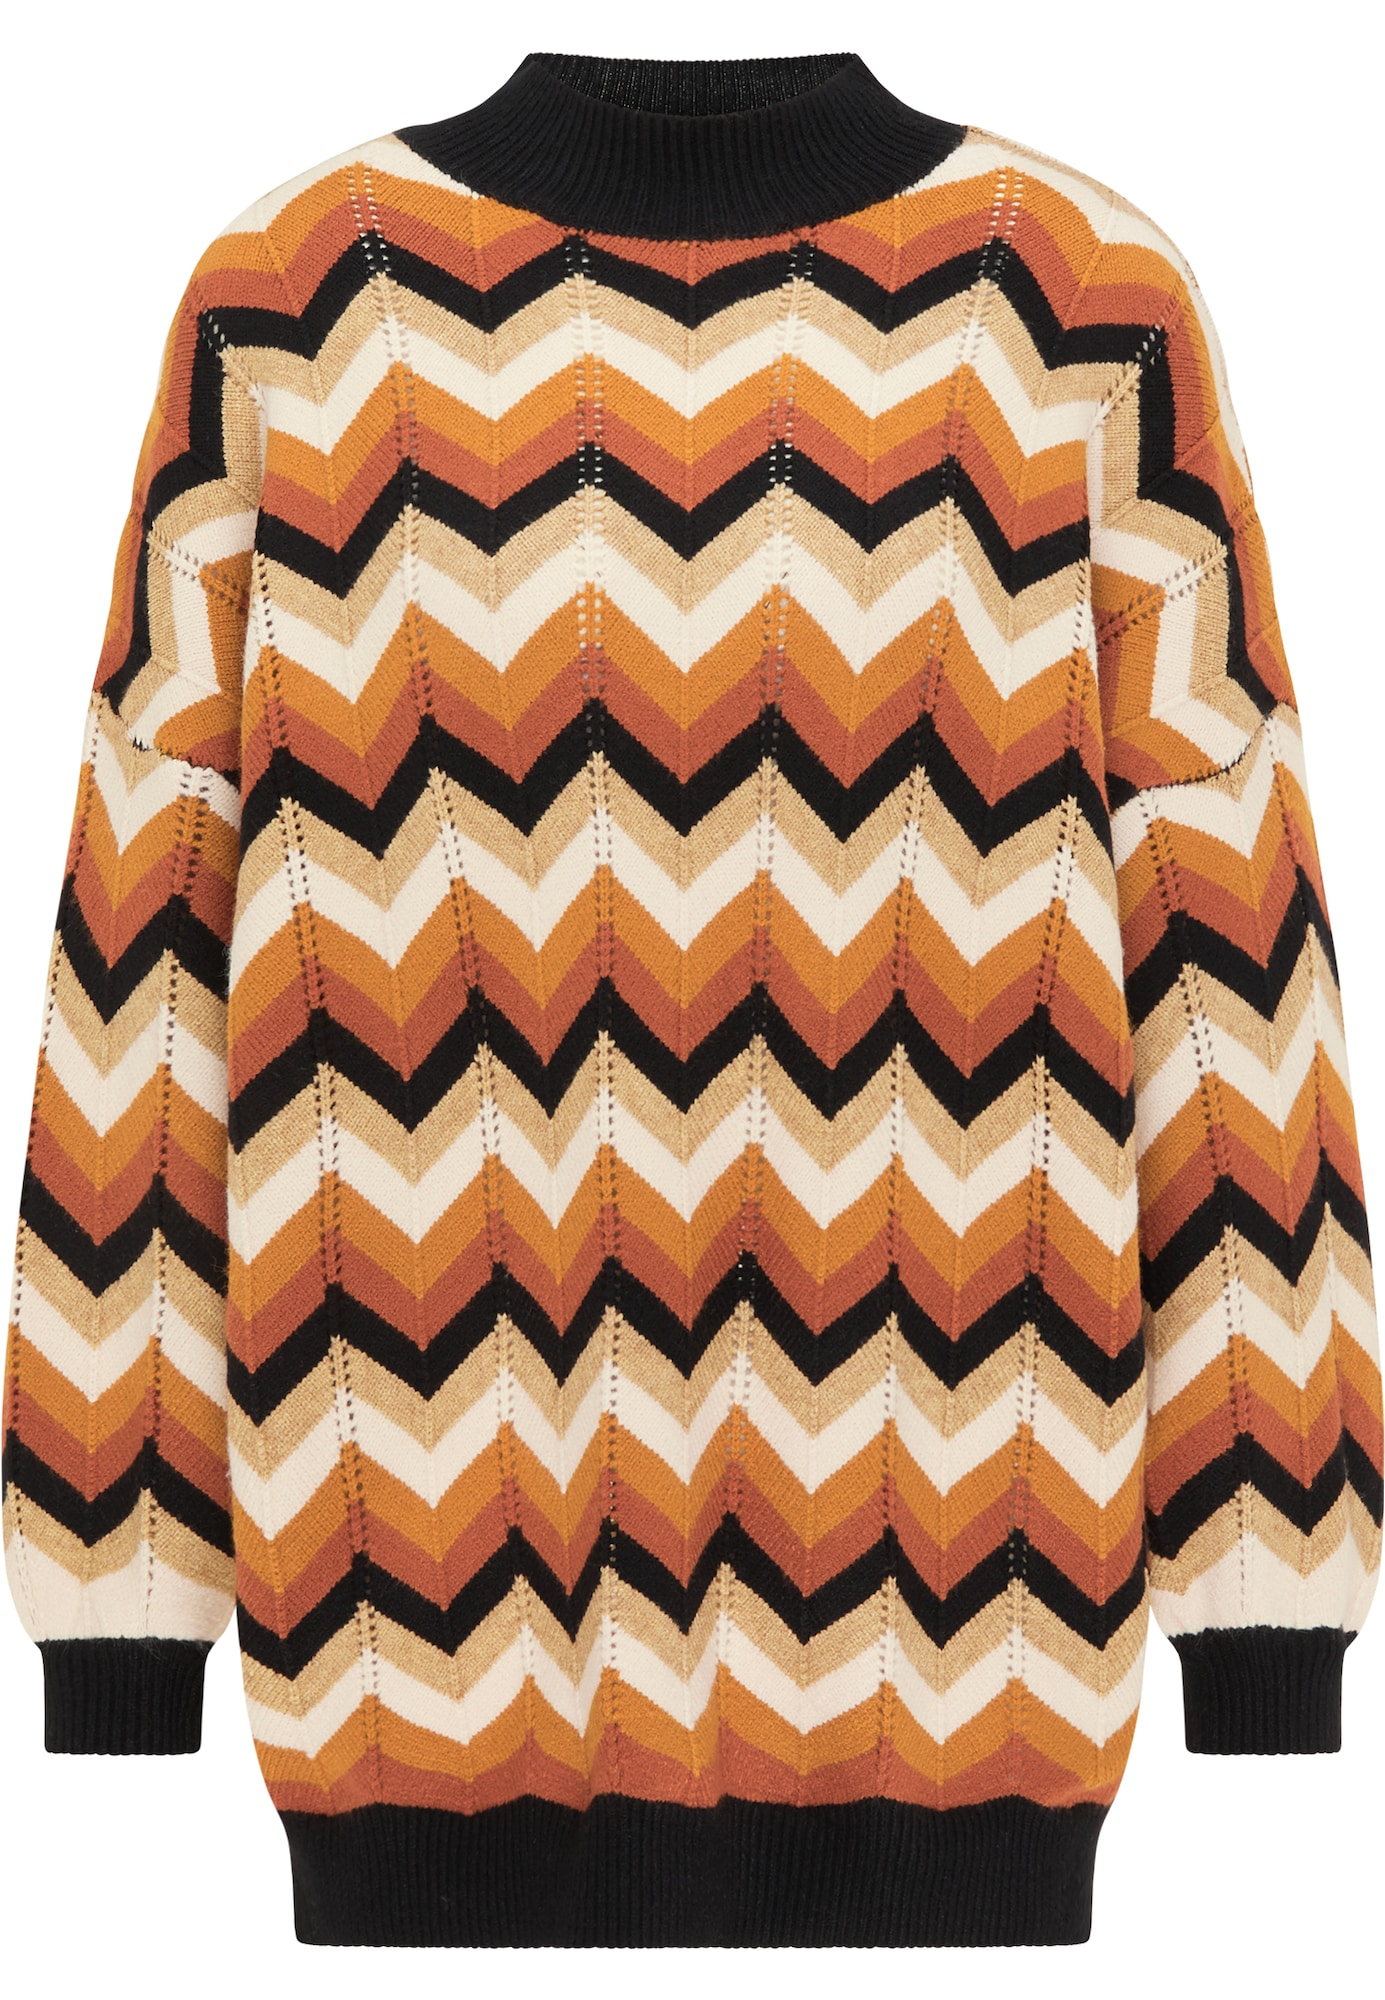 myMo NOW Megztinis ruda / gelsvai pilka spalva / balta / juoda / aukso geltonumo spalva